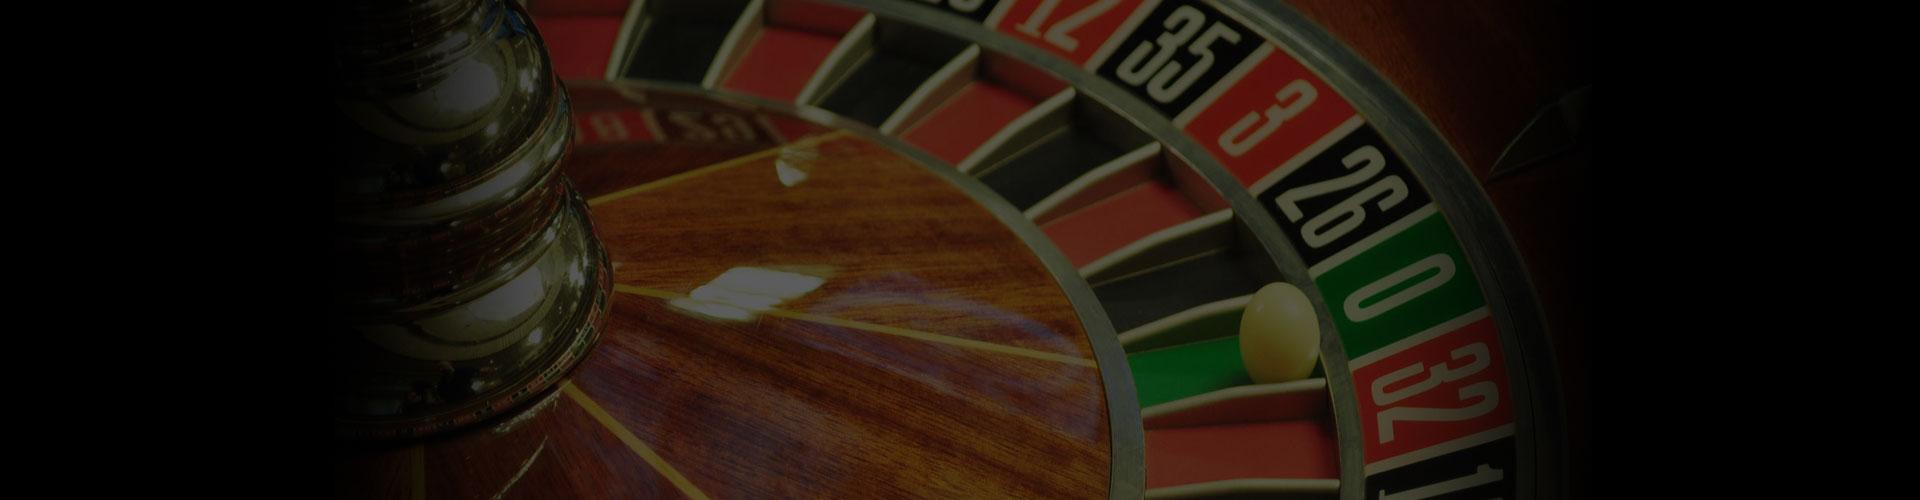 Ehrliches online Casino - 93040